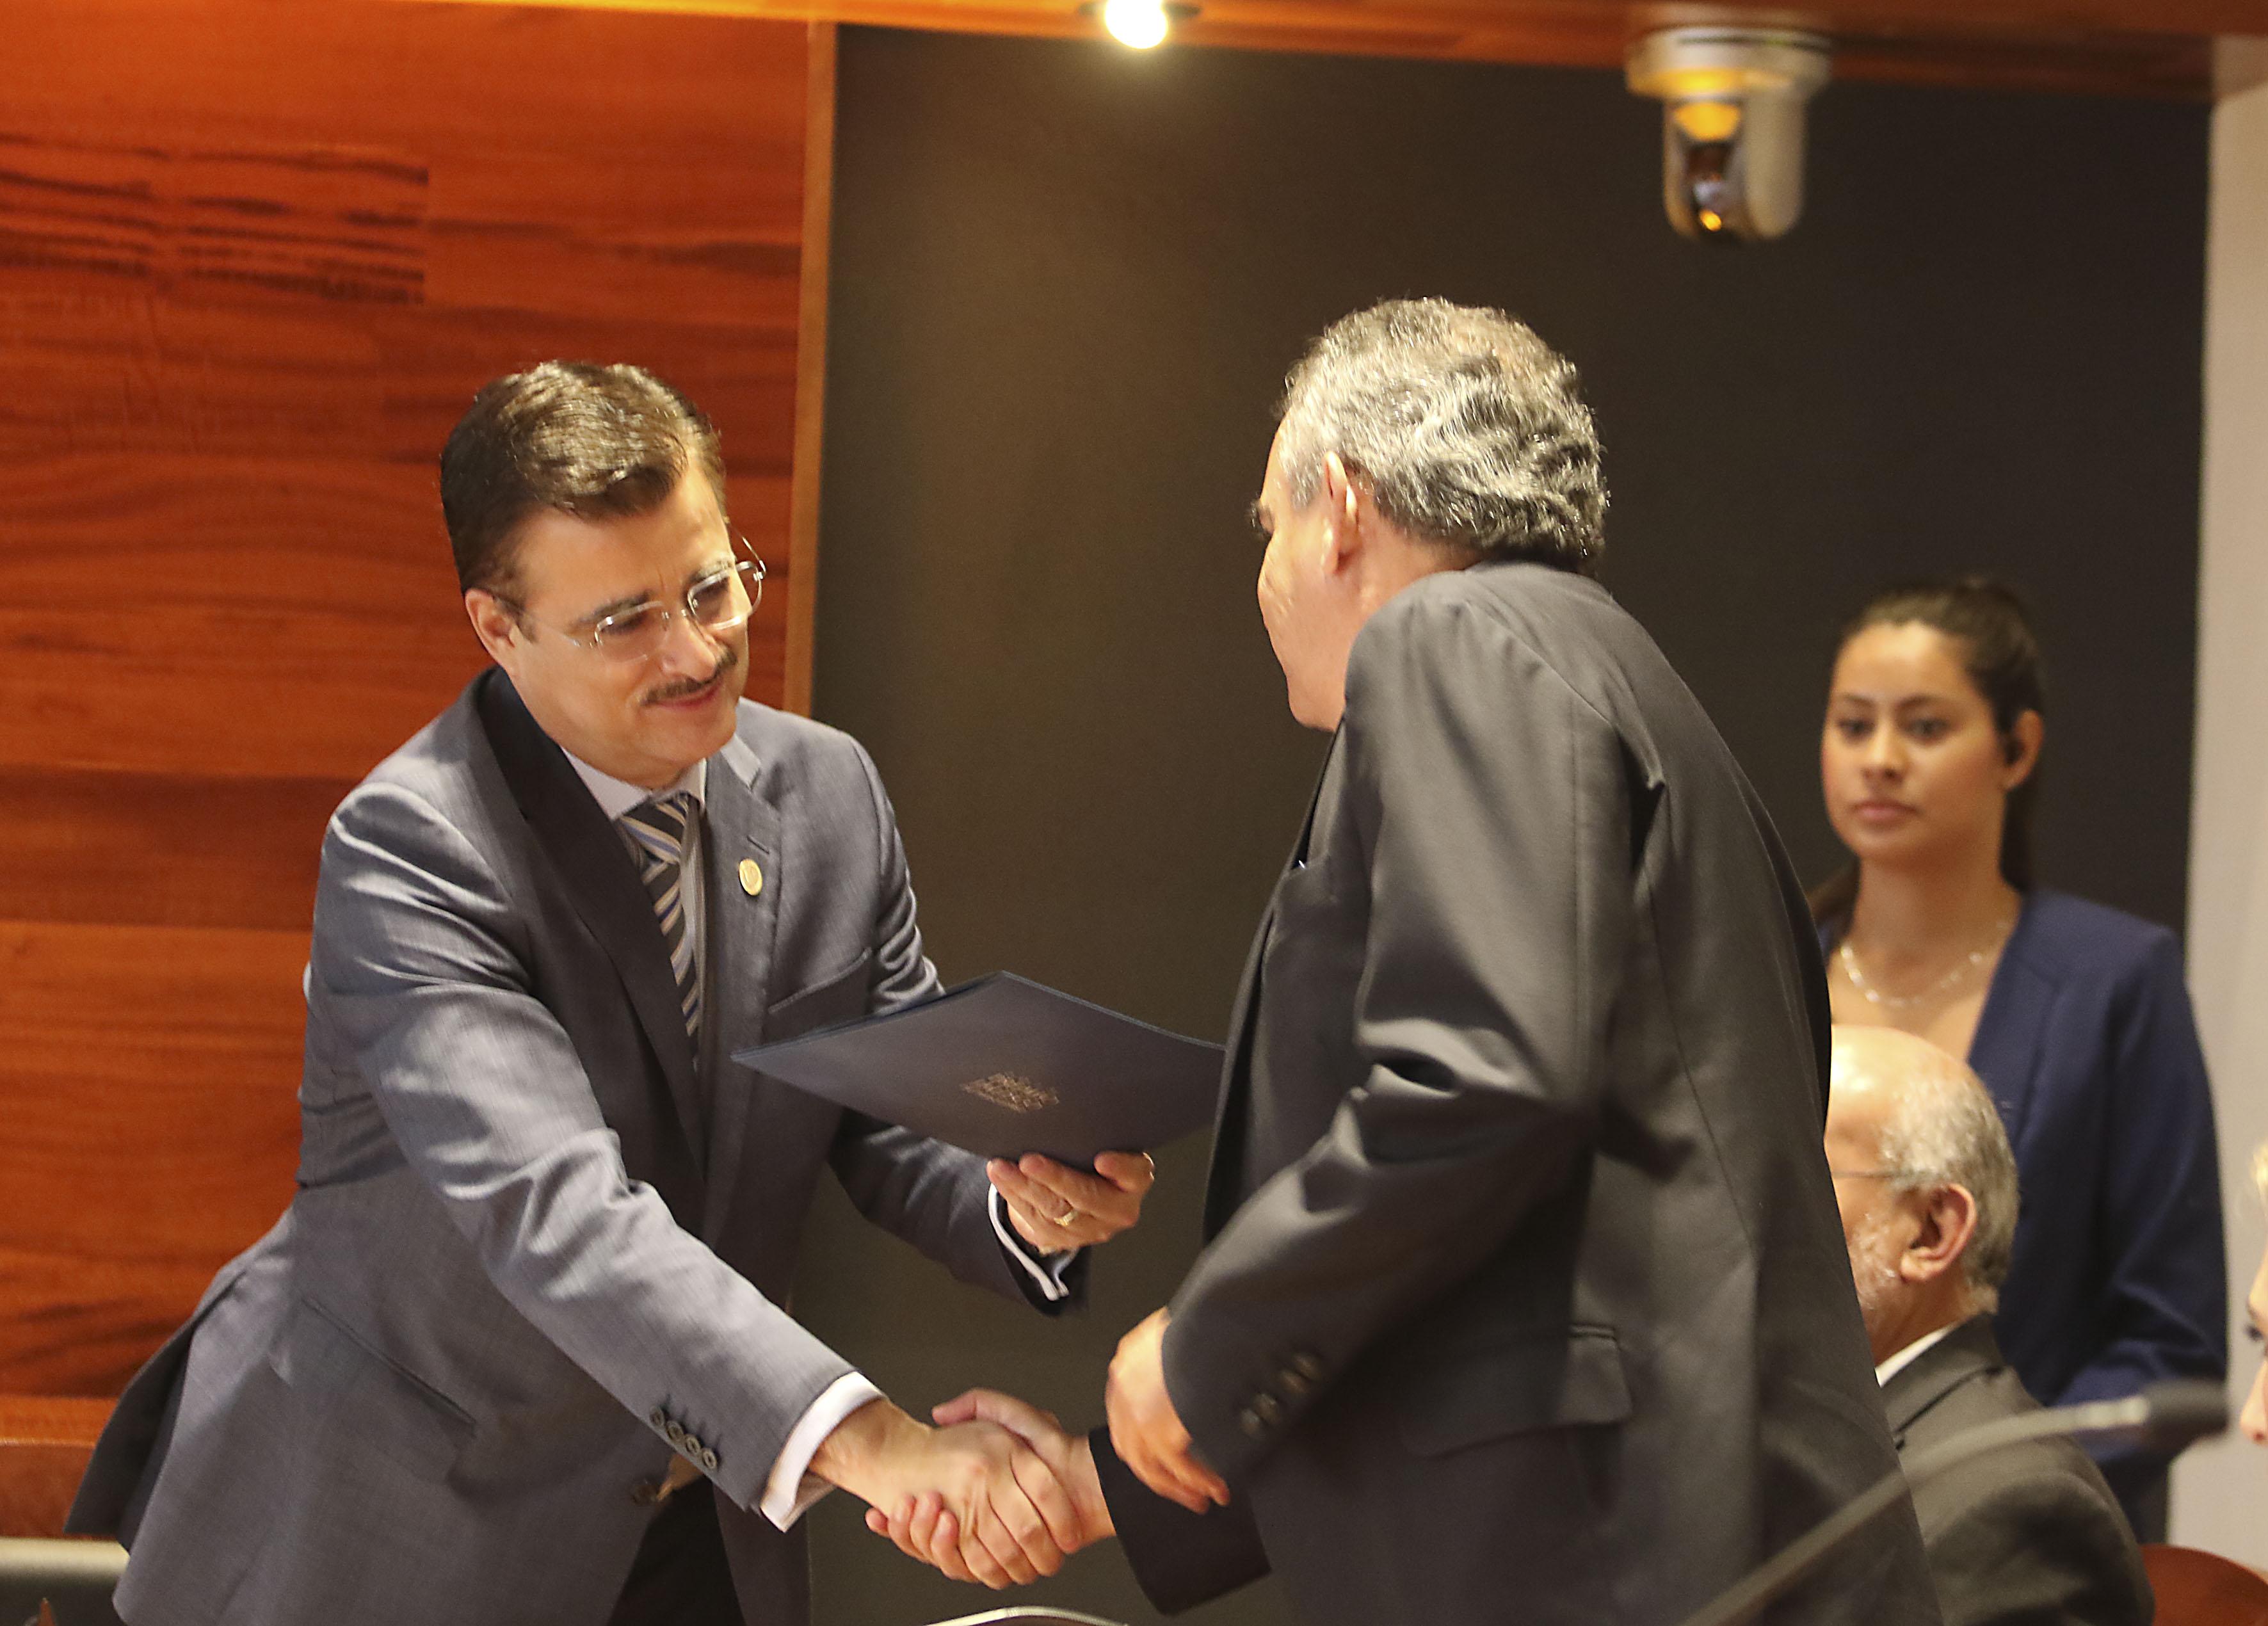 Mtro. Itzcóatl Tonatiuh Bravo Padilla, Rector General de la Universidad de Guadalajara (UdeG) y   doctor José Morales Orozco, Rector del Instituto Tecnológico de Estudios Superiores de Occidente (ITESO)